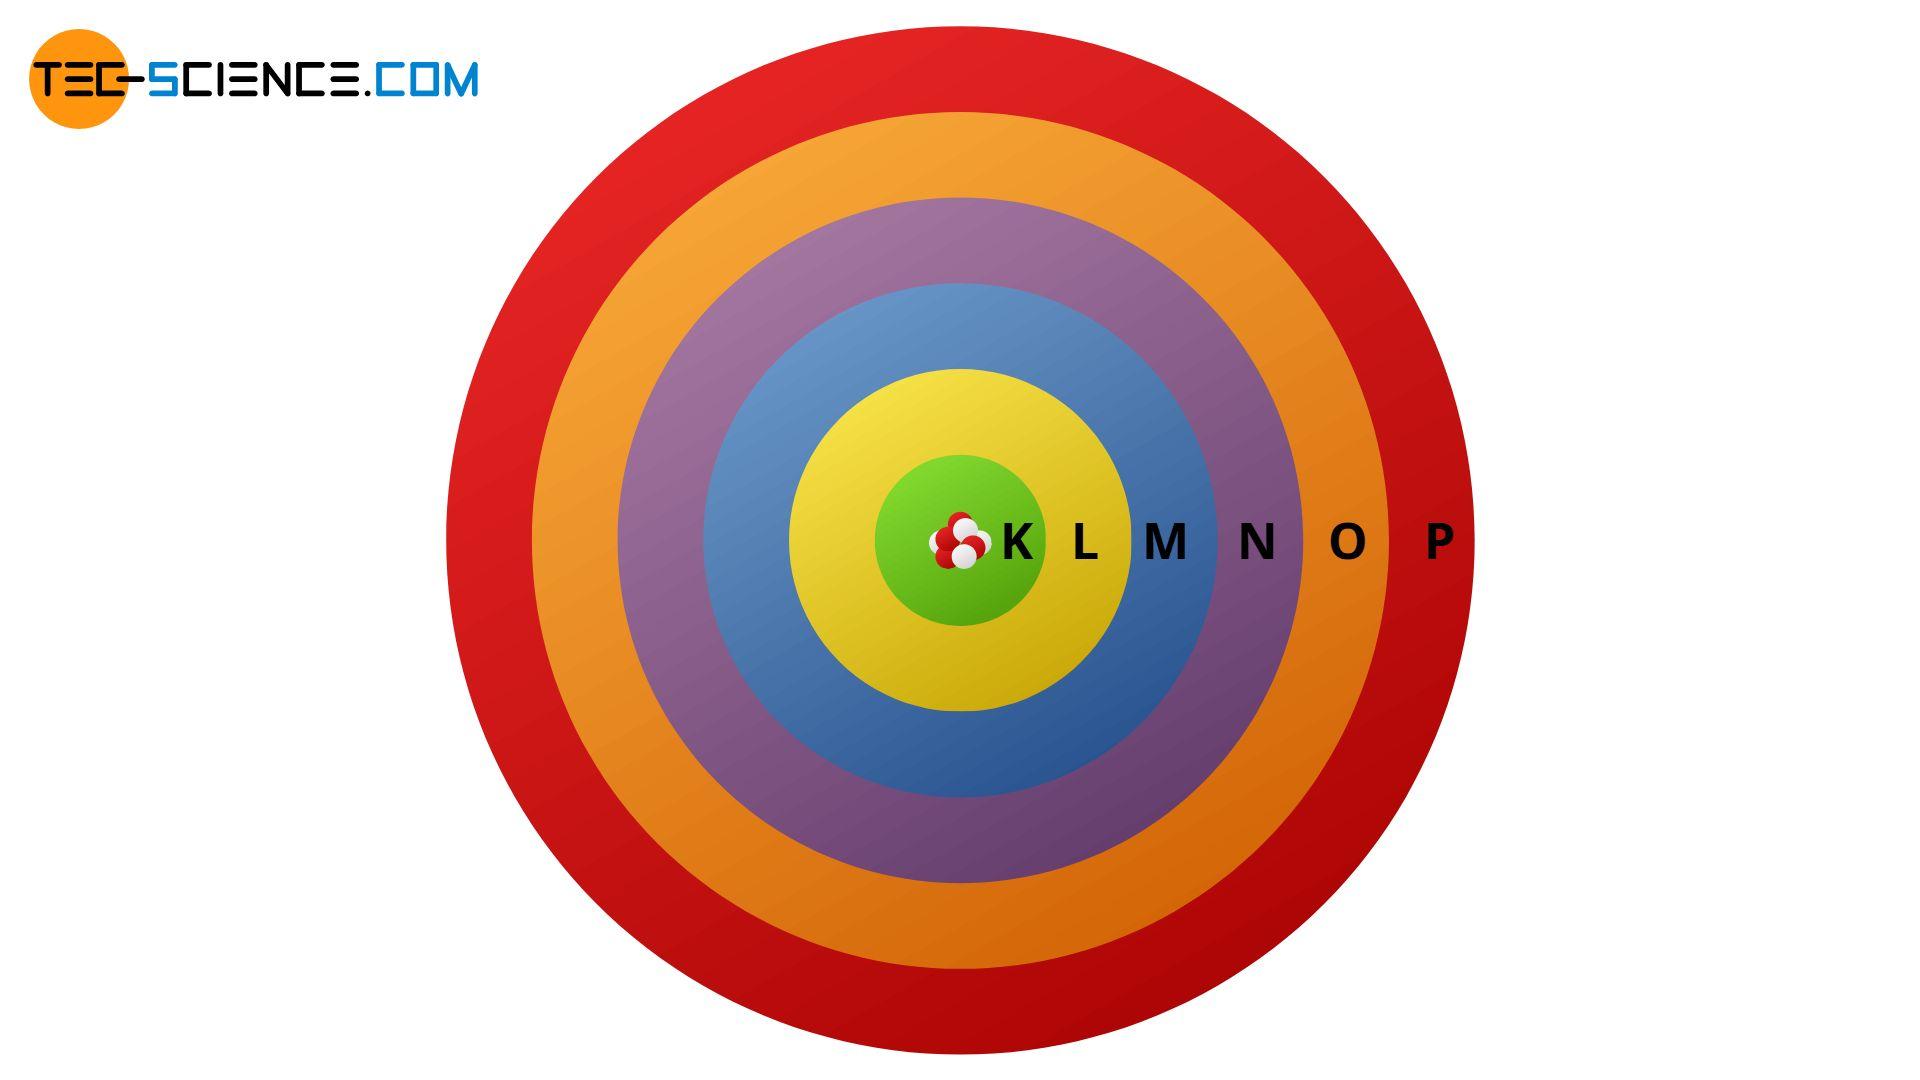 Atomic model of Bohr (shell model)